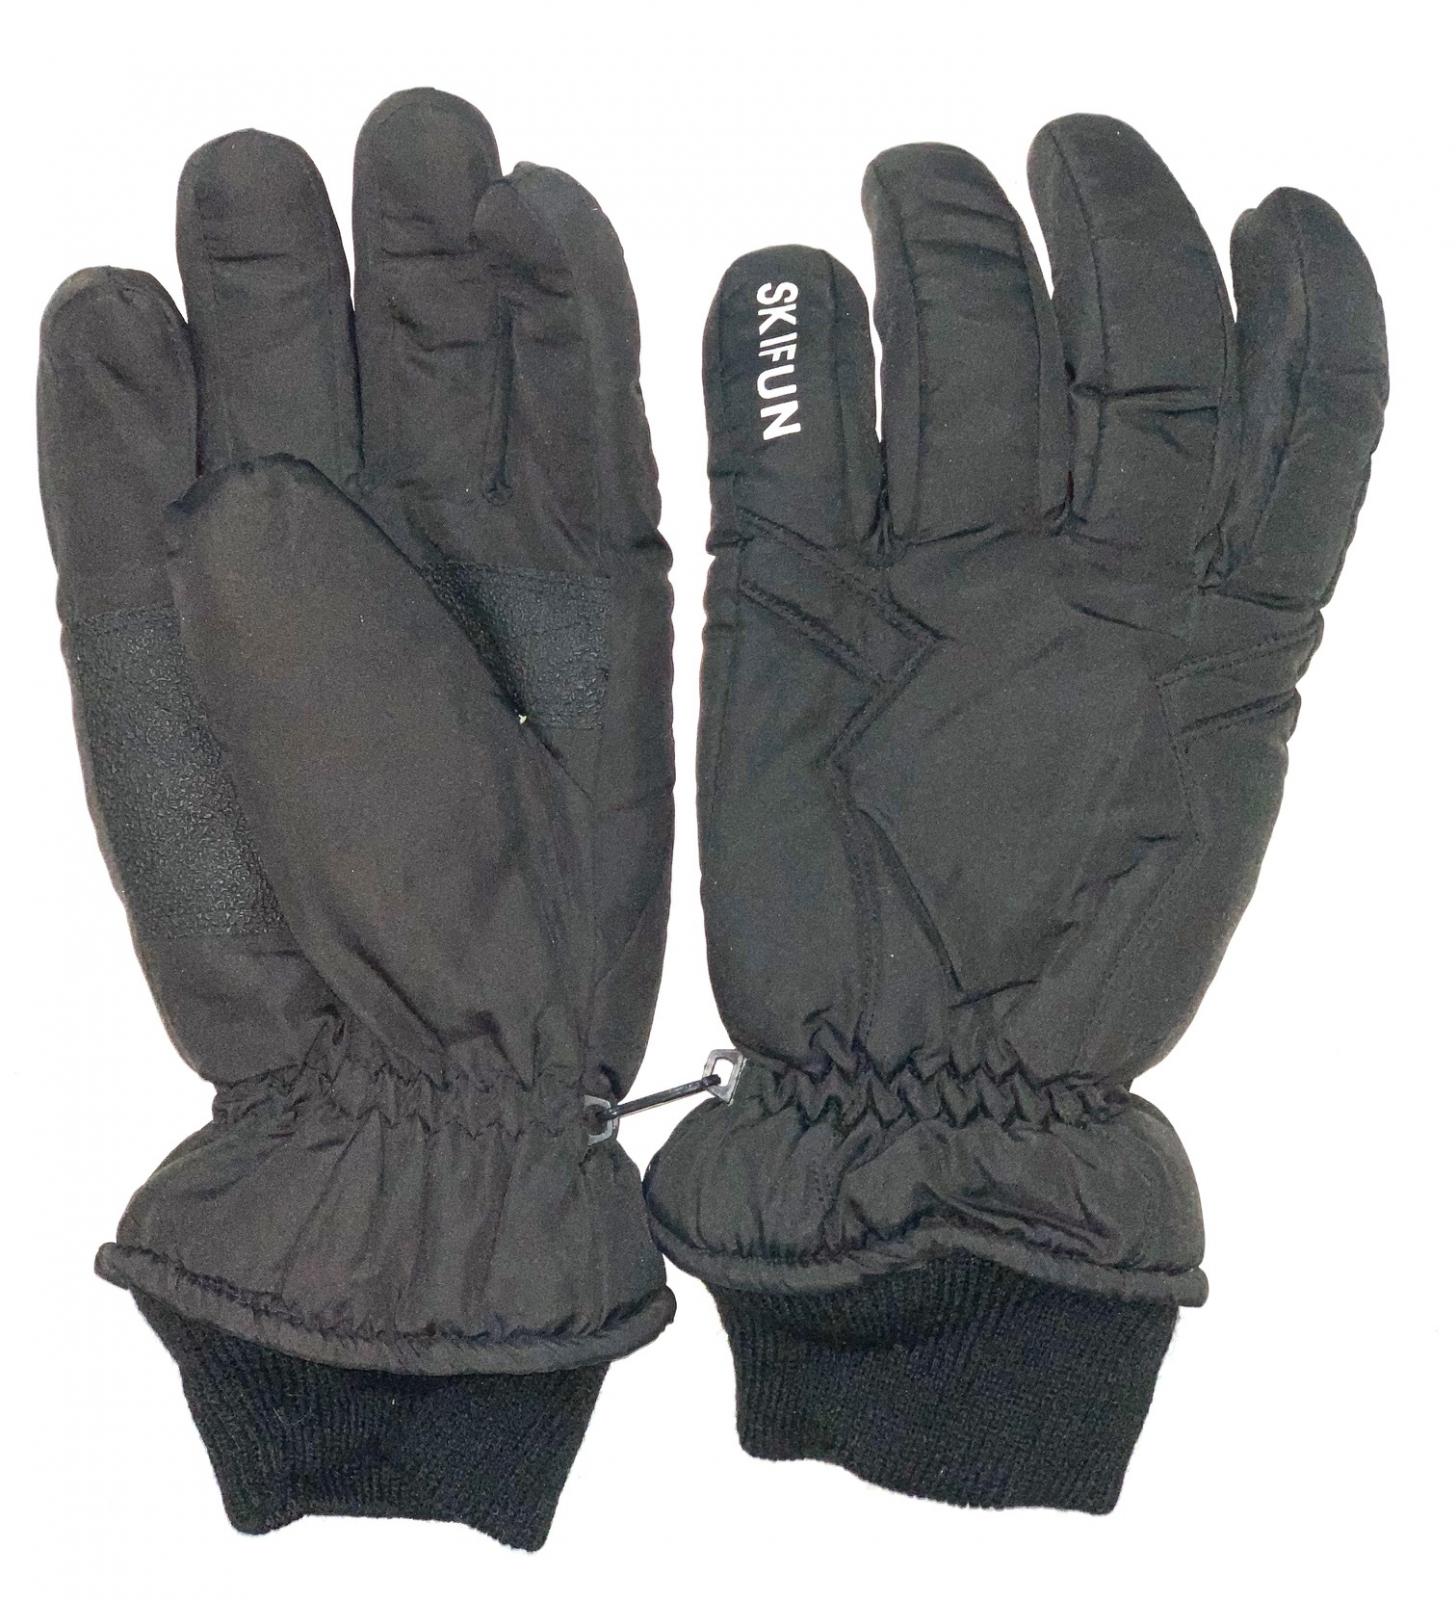 Черные зимние перчатки с манжетами и белой надписью